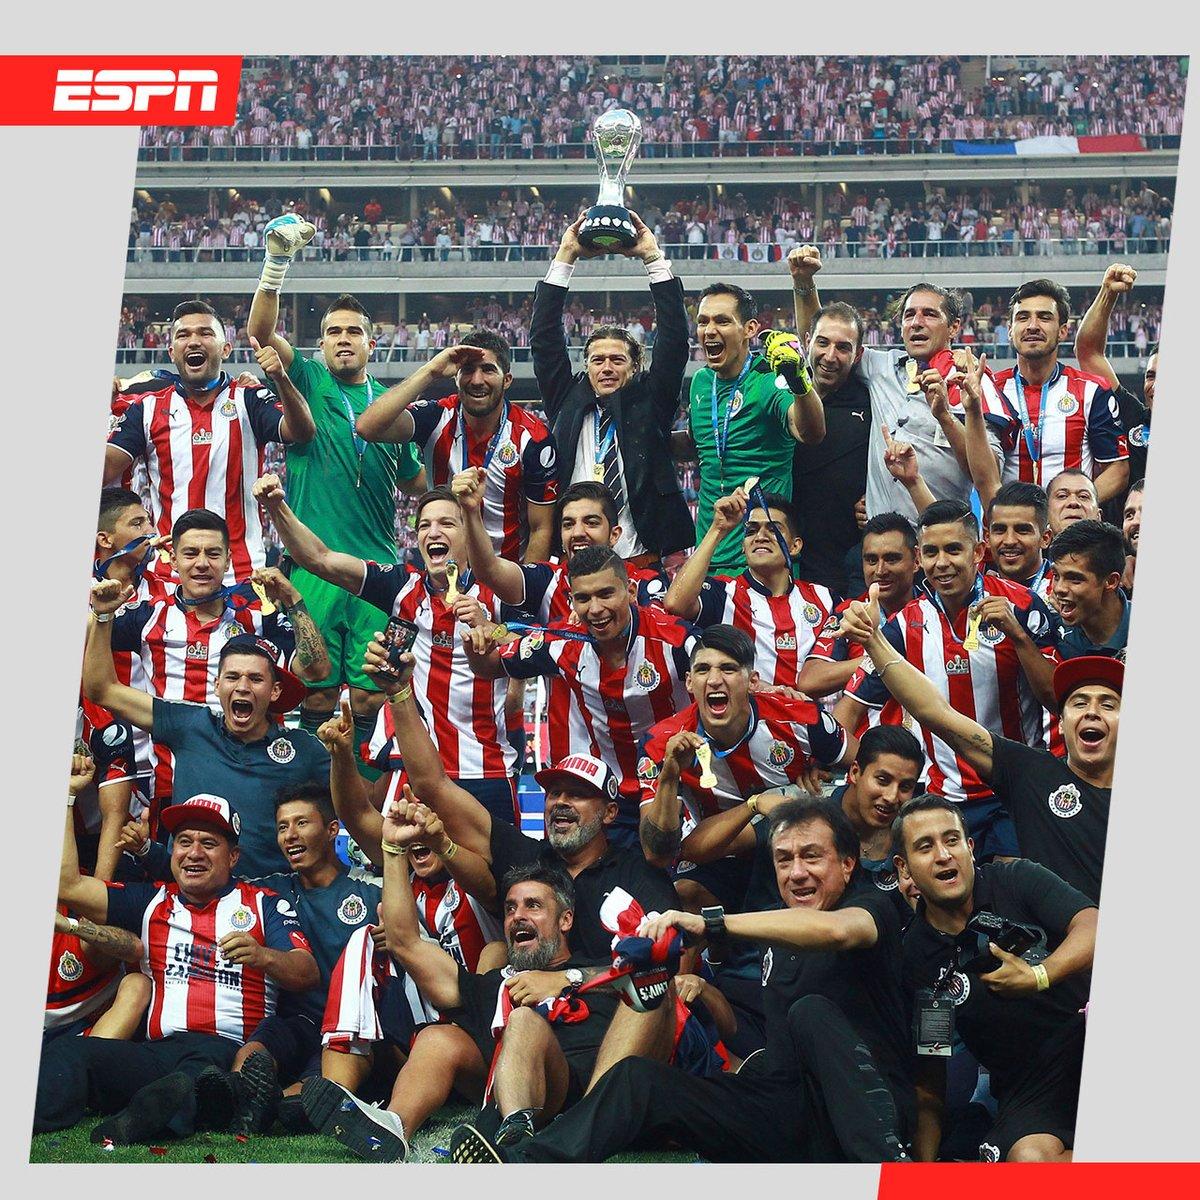 @ESPNmx's photo on Chivas